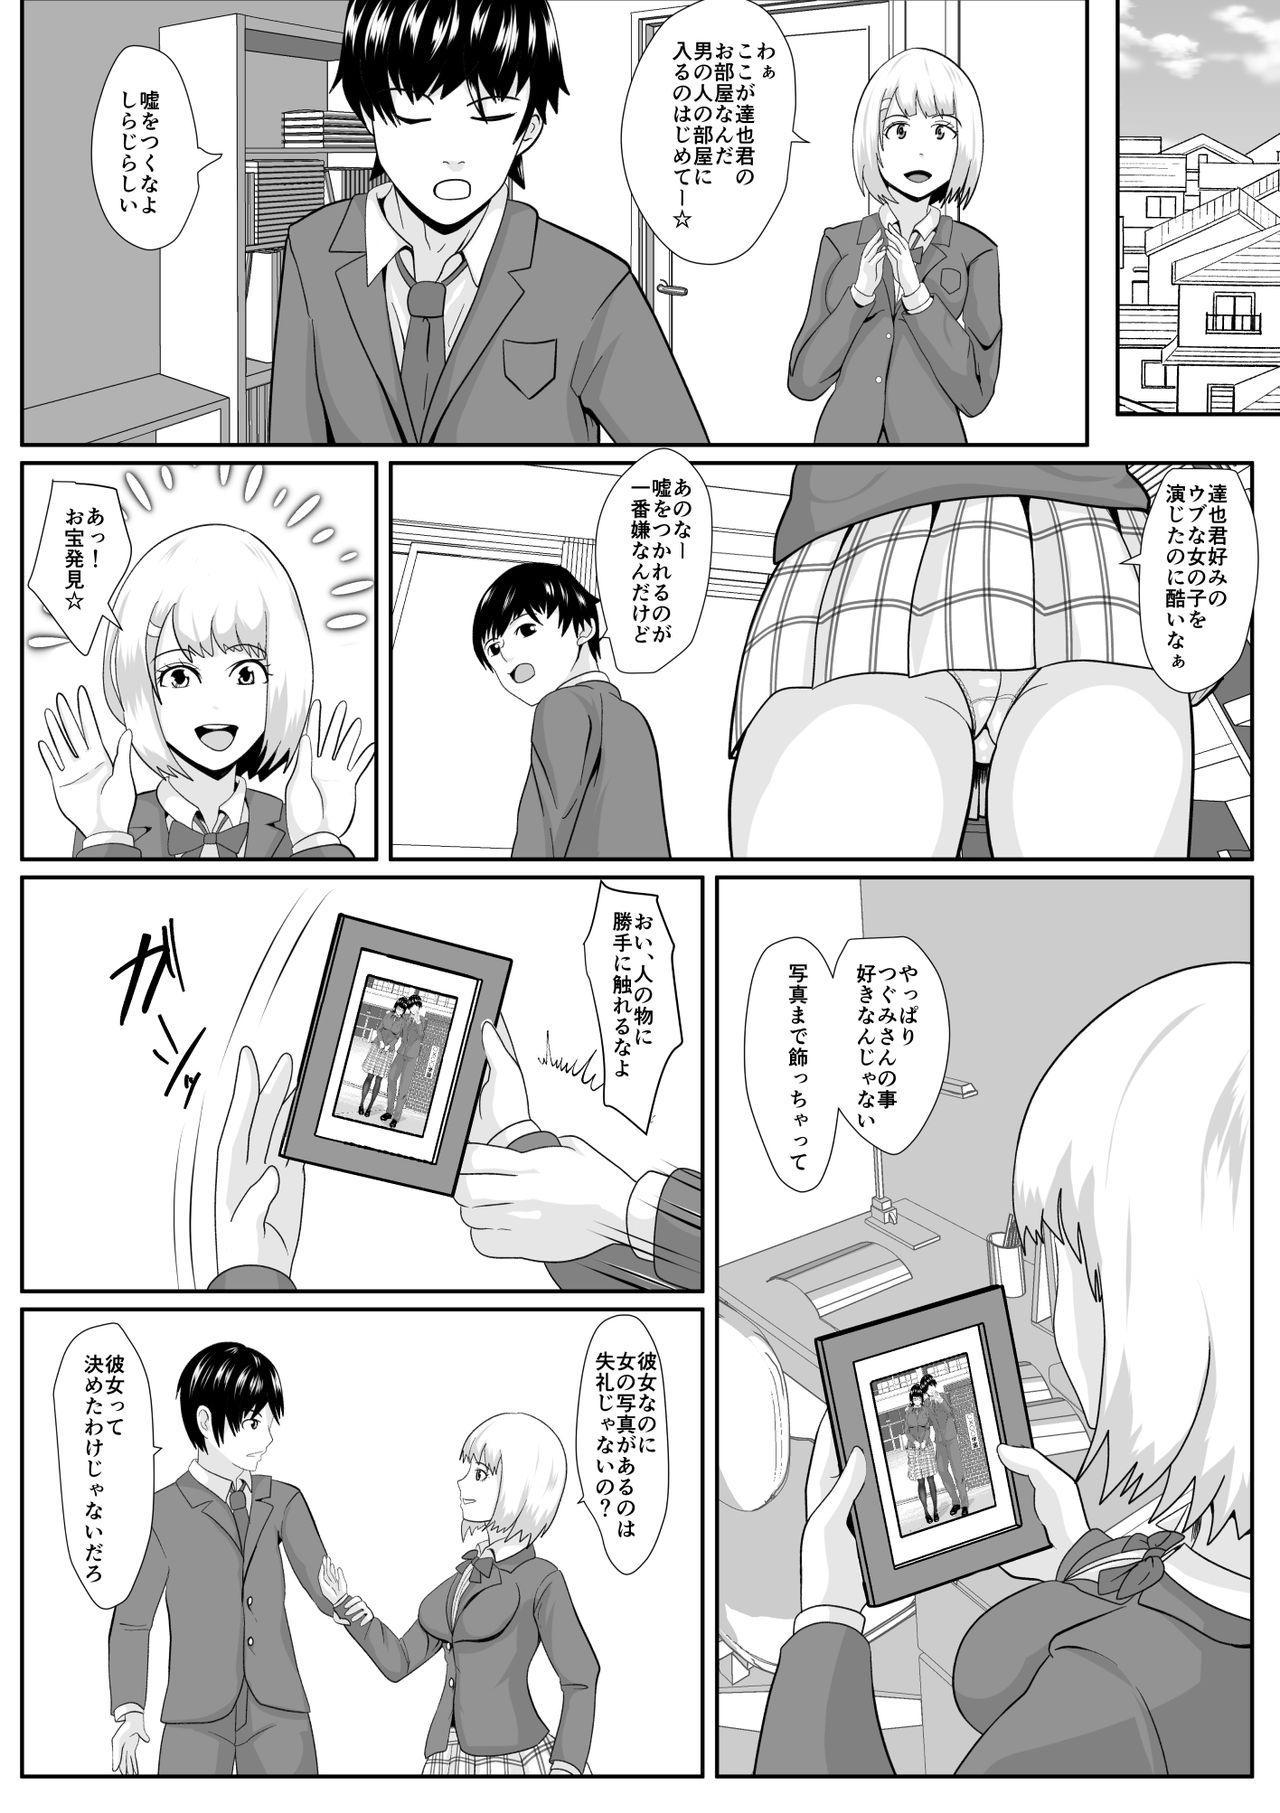 Sakasama 17